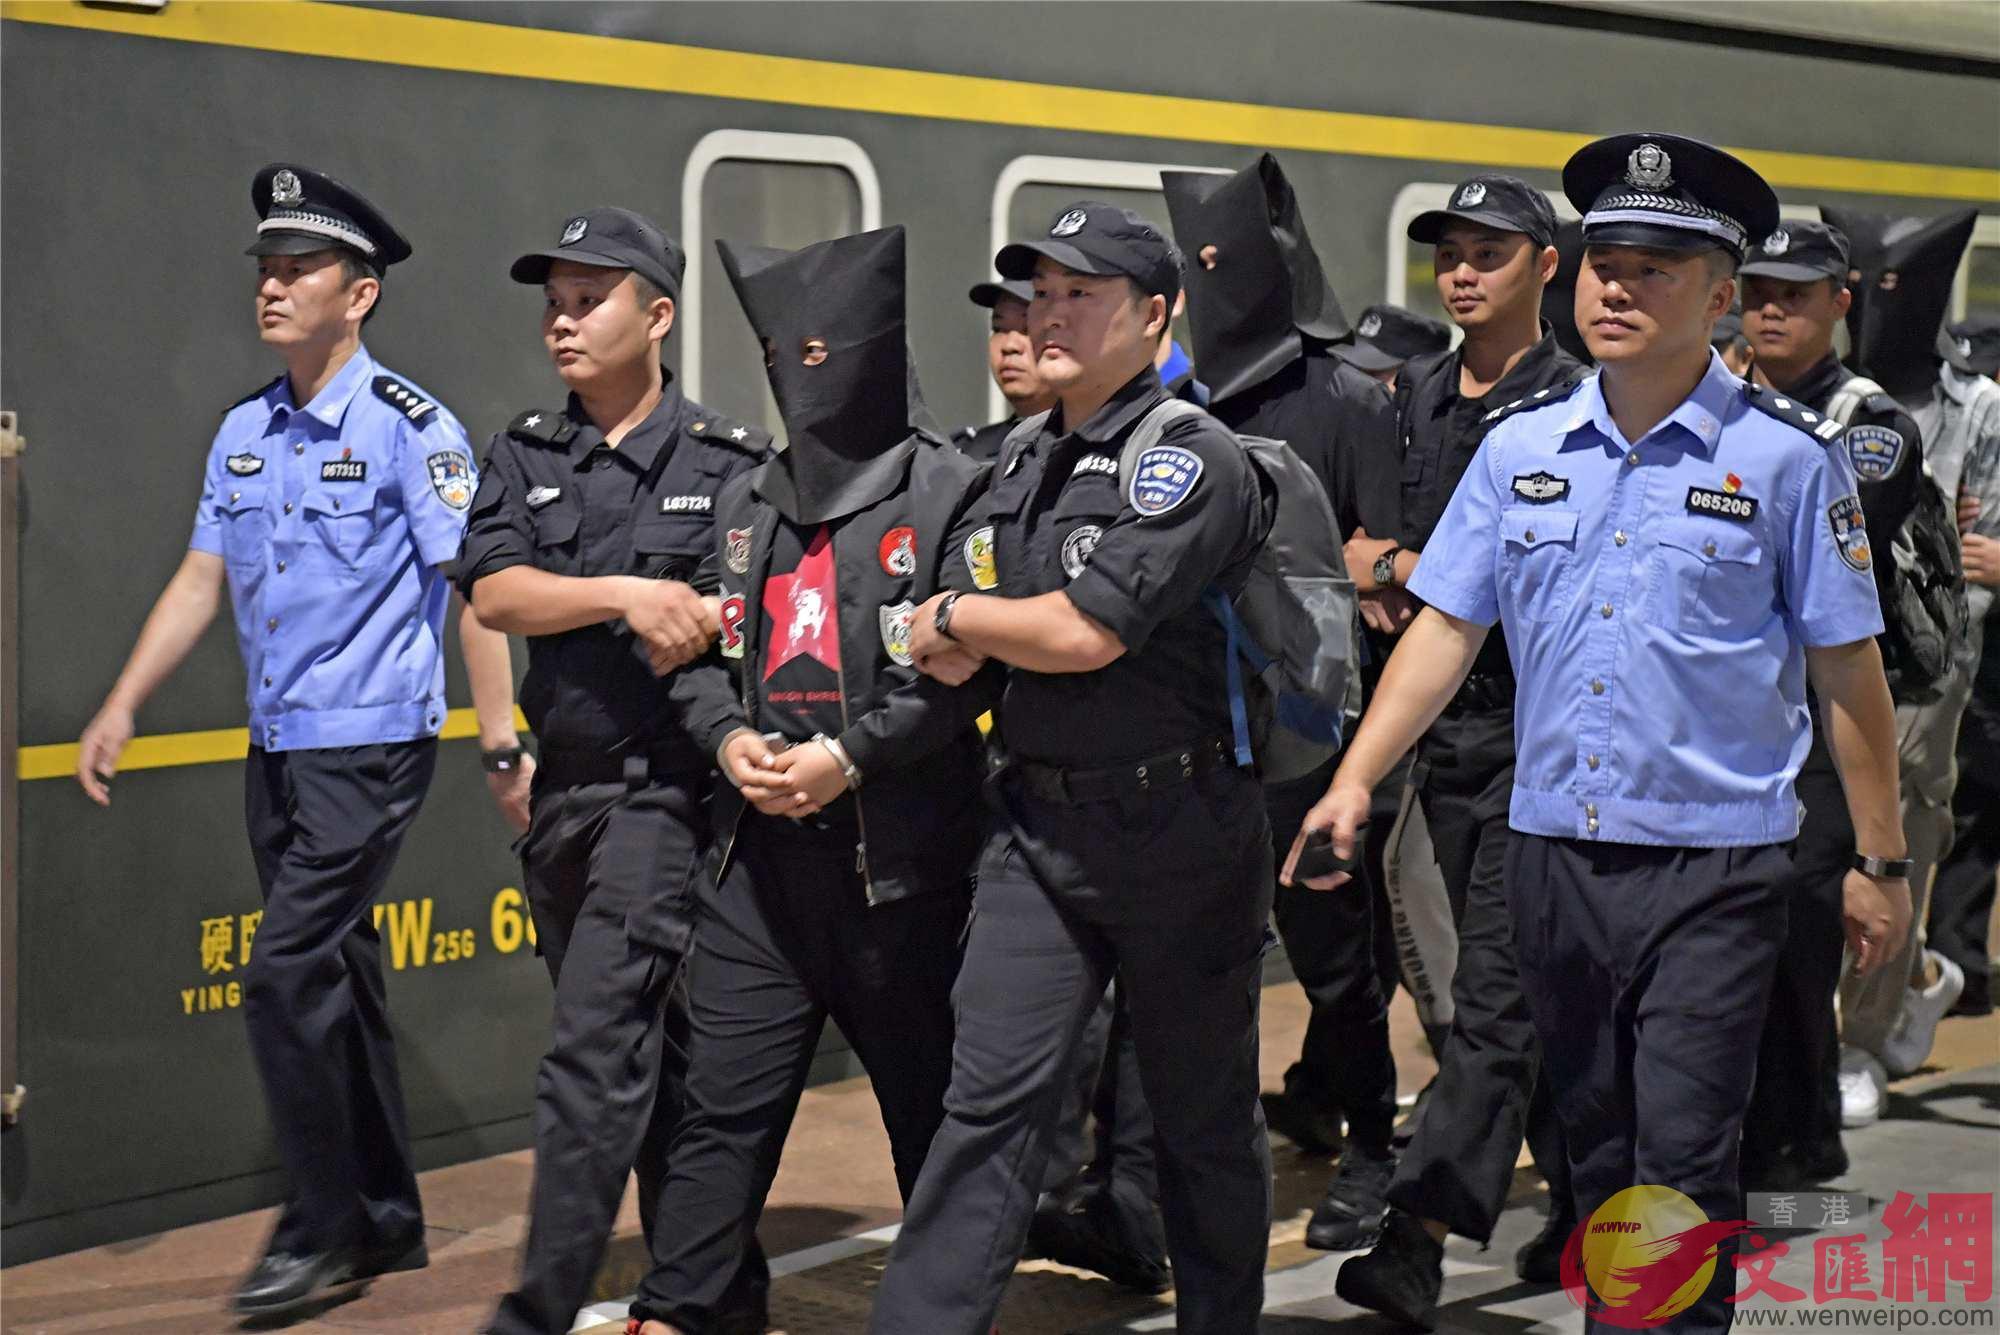 特大詐騙犯罪團伙案,200萬人受害600人被捕(龍崗警方供圖)